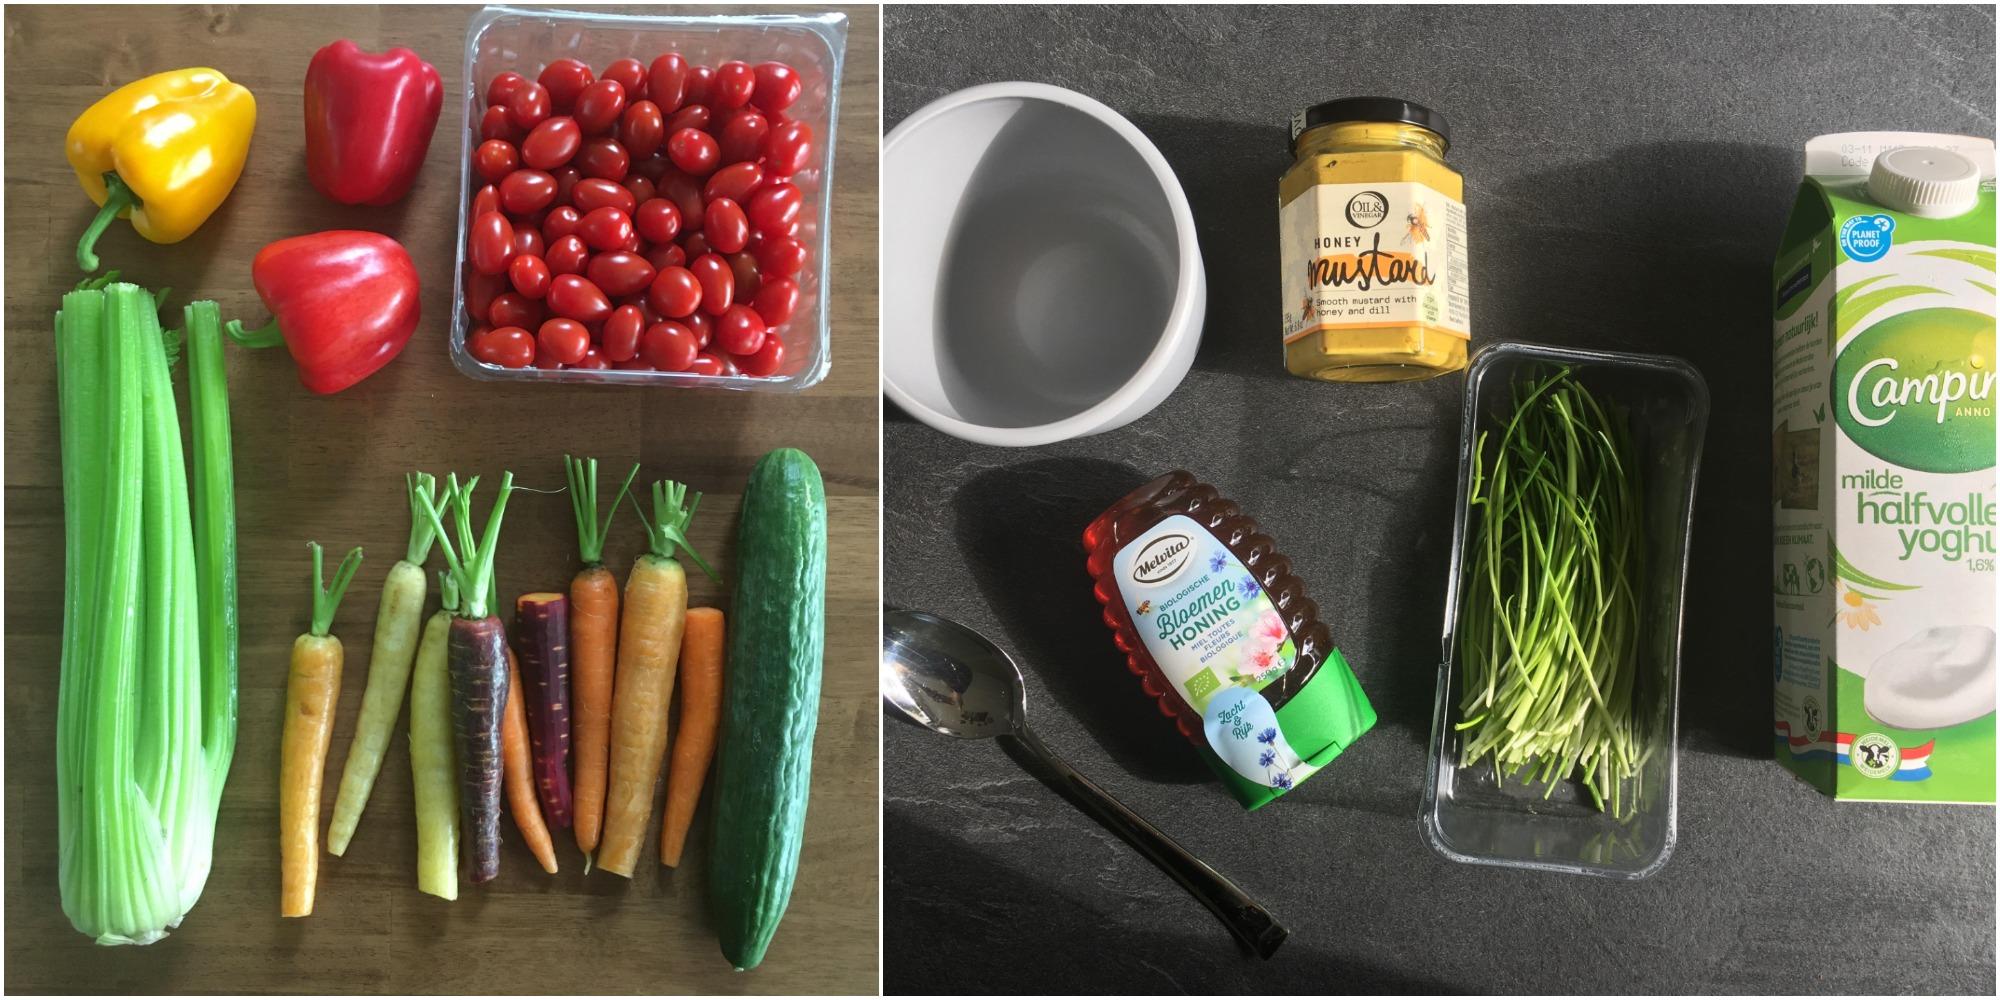 Heks'nkaas, melvitta honing, yoghurt, komkommer, paprika, wortel, bleekselderij, tomaat